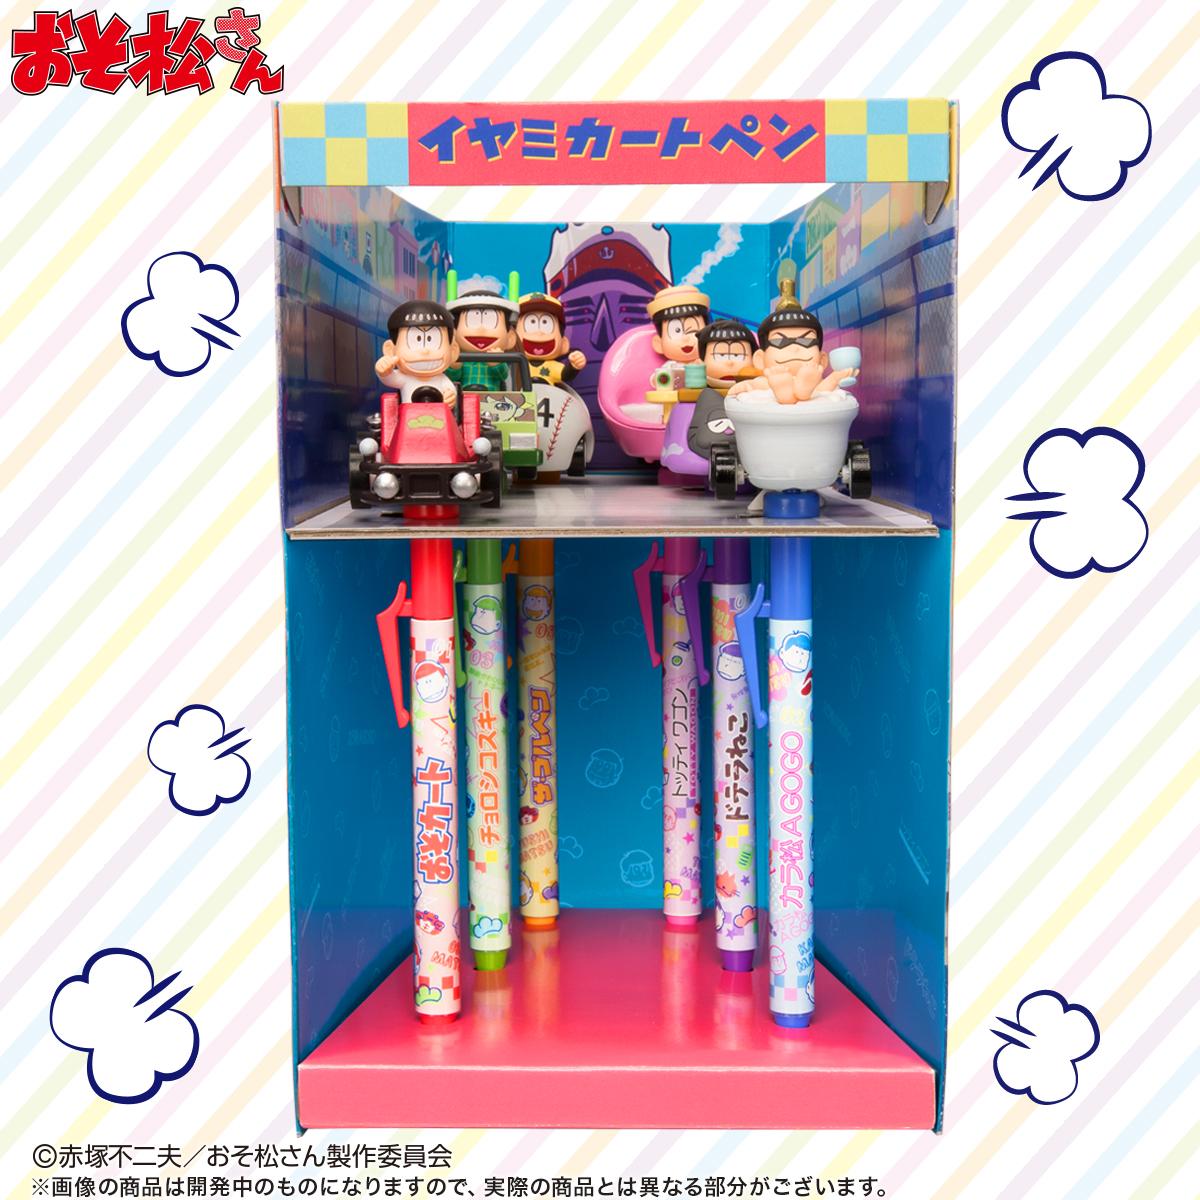 「おそ松さん」6つ子カートのマスコット付きボールペン登場 セットは2010(ニート)個限定